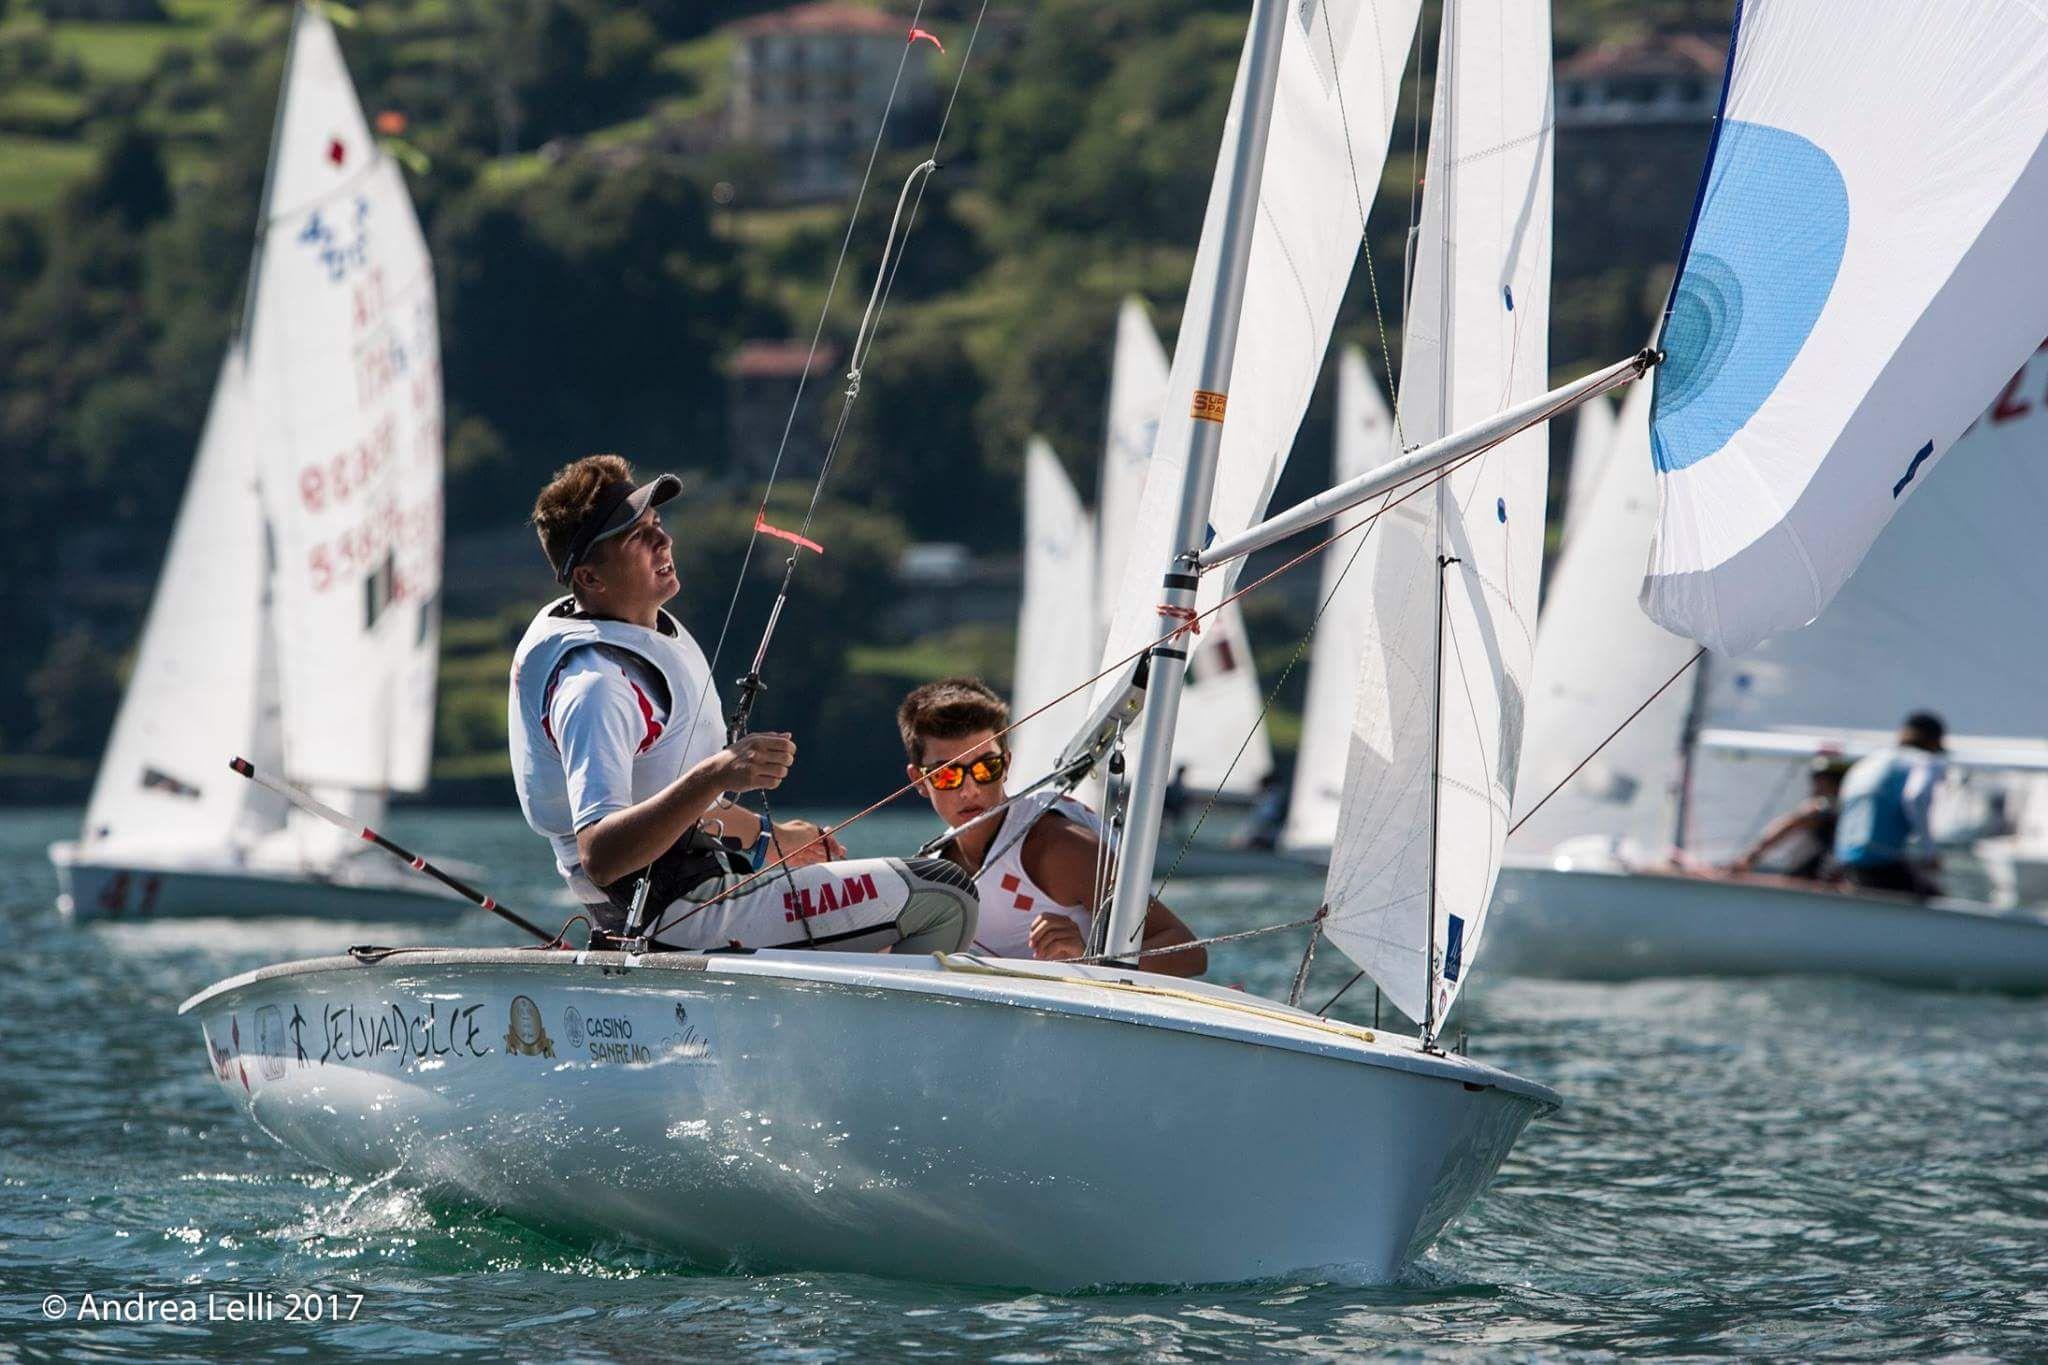 aa2f188a5900 Cilli Mantero #CilliMantero #classe420 #420class #sailing ...